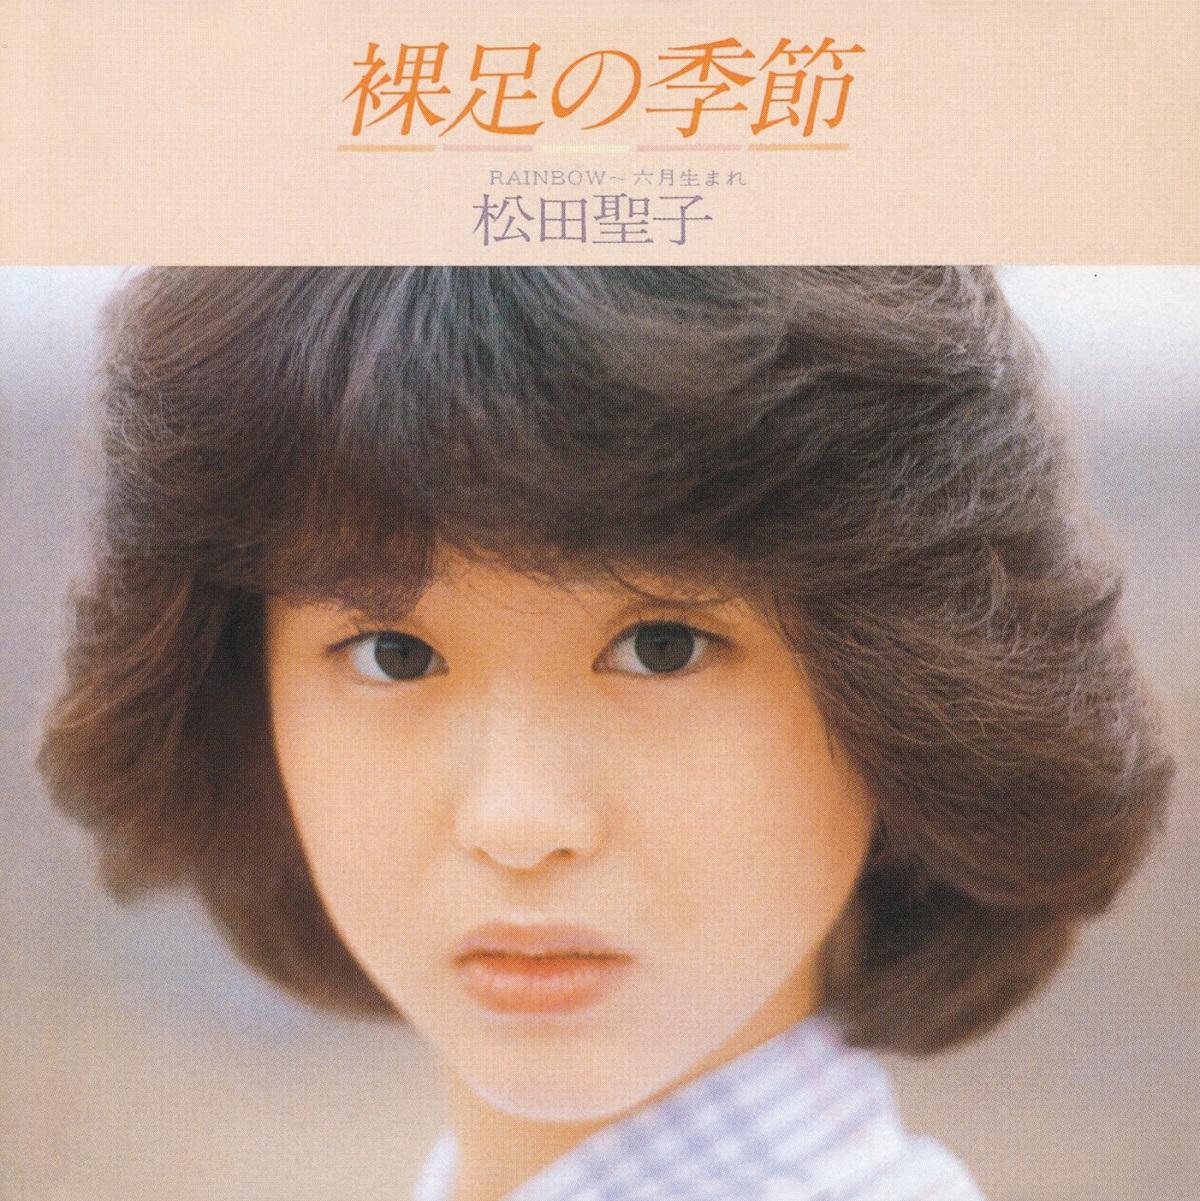 「裸足の季節」(はだしのきせつ)は、1980年4月にリリースされた松田聖子のデビュー曲